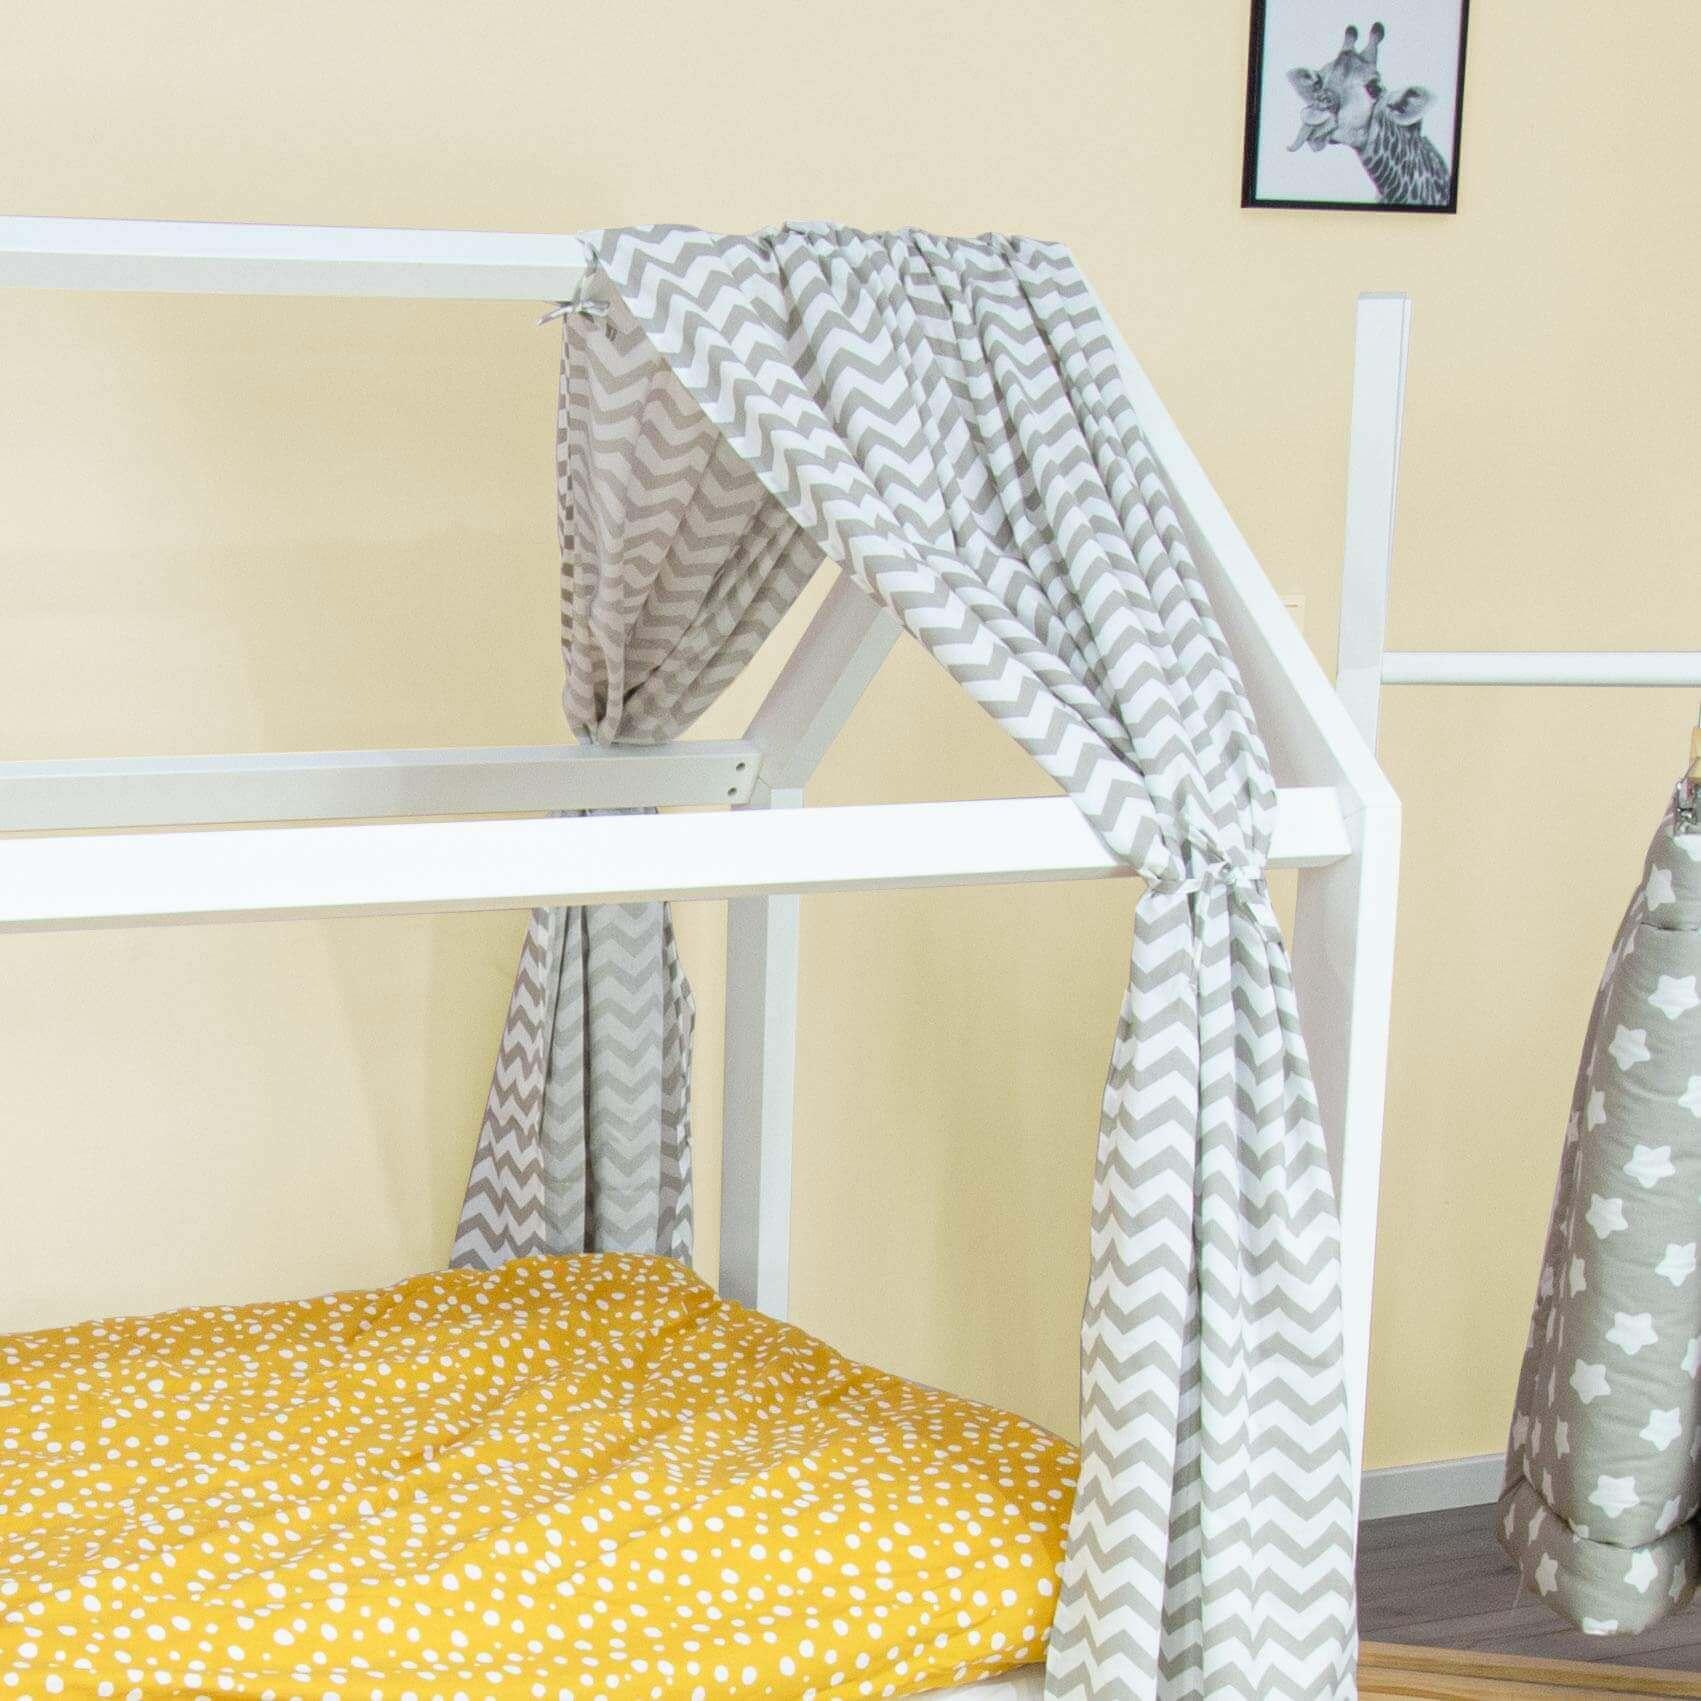 Hausbett-Vorhang aus 100% Baumwolle, 146x298cm | Puckdaddy